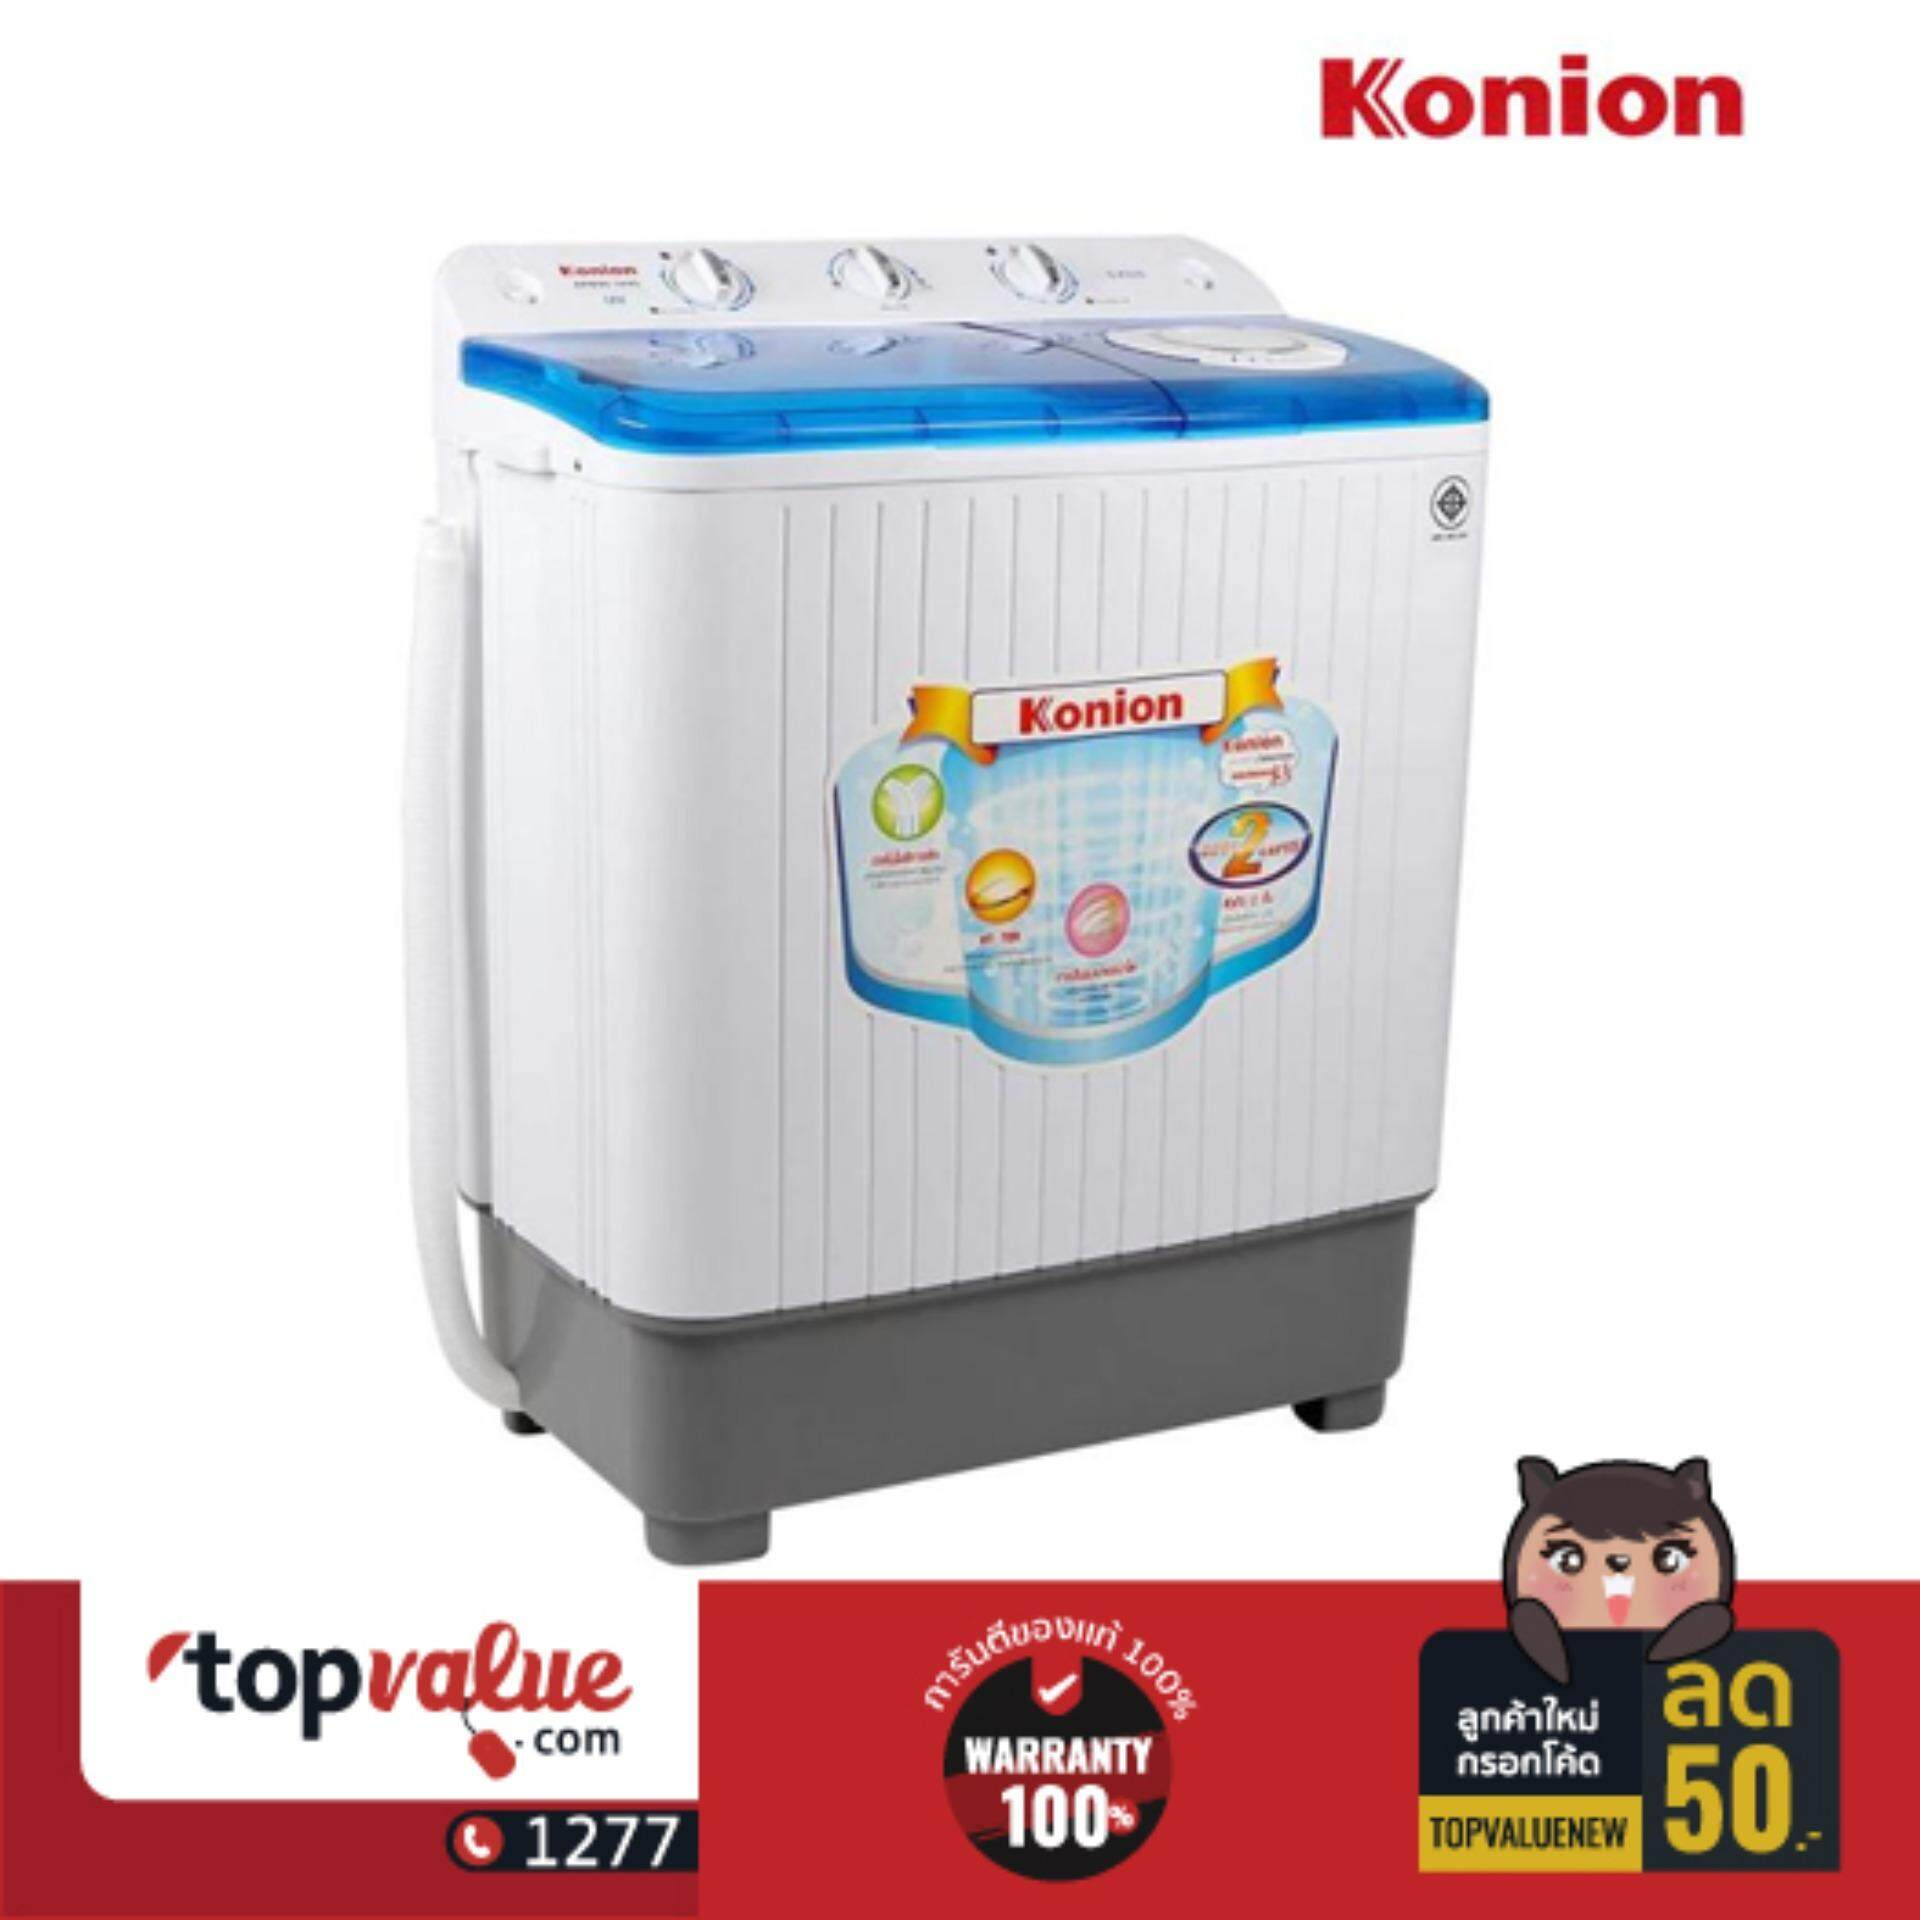 KONION เครื่องซักผ้า 2 ถัง รุ่น XPB90-344SUV - ขนาด 9 KG.